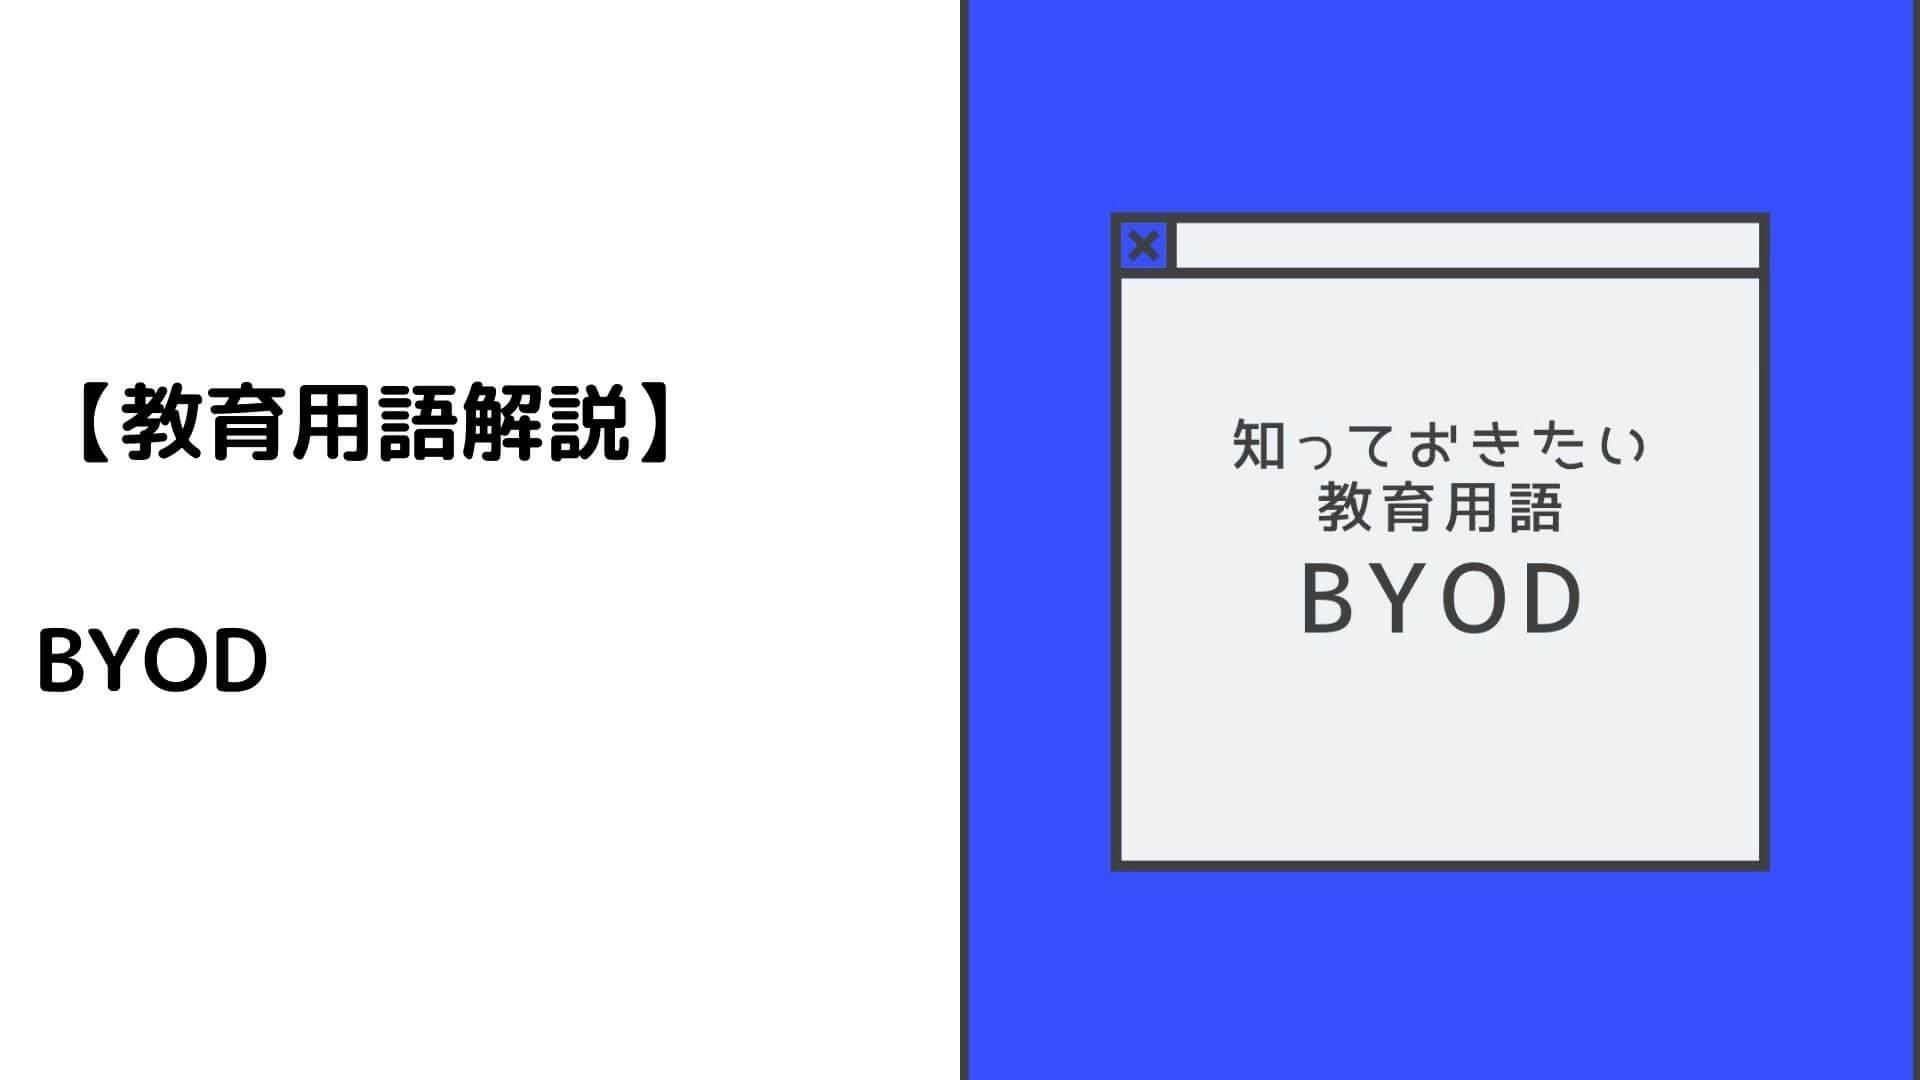 知っておきたい教育用語:BYOD